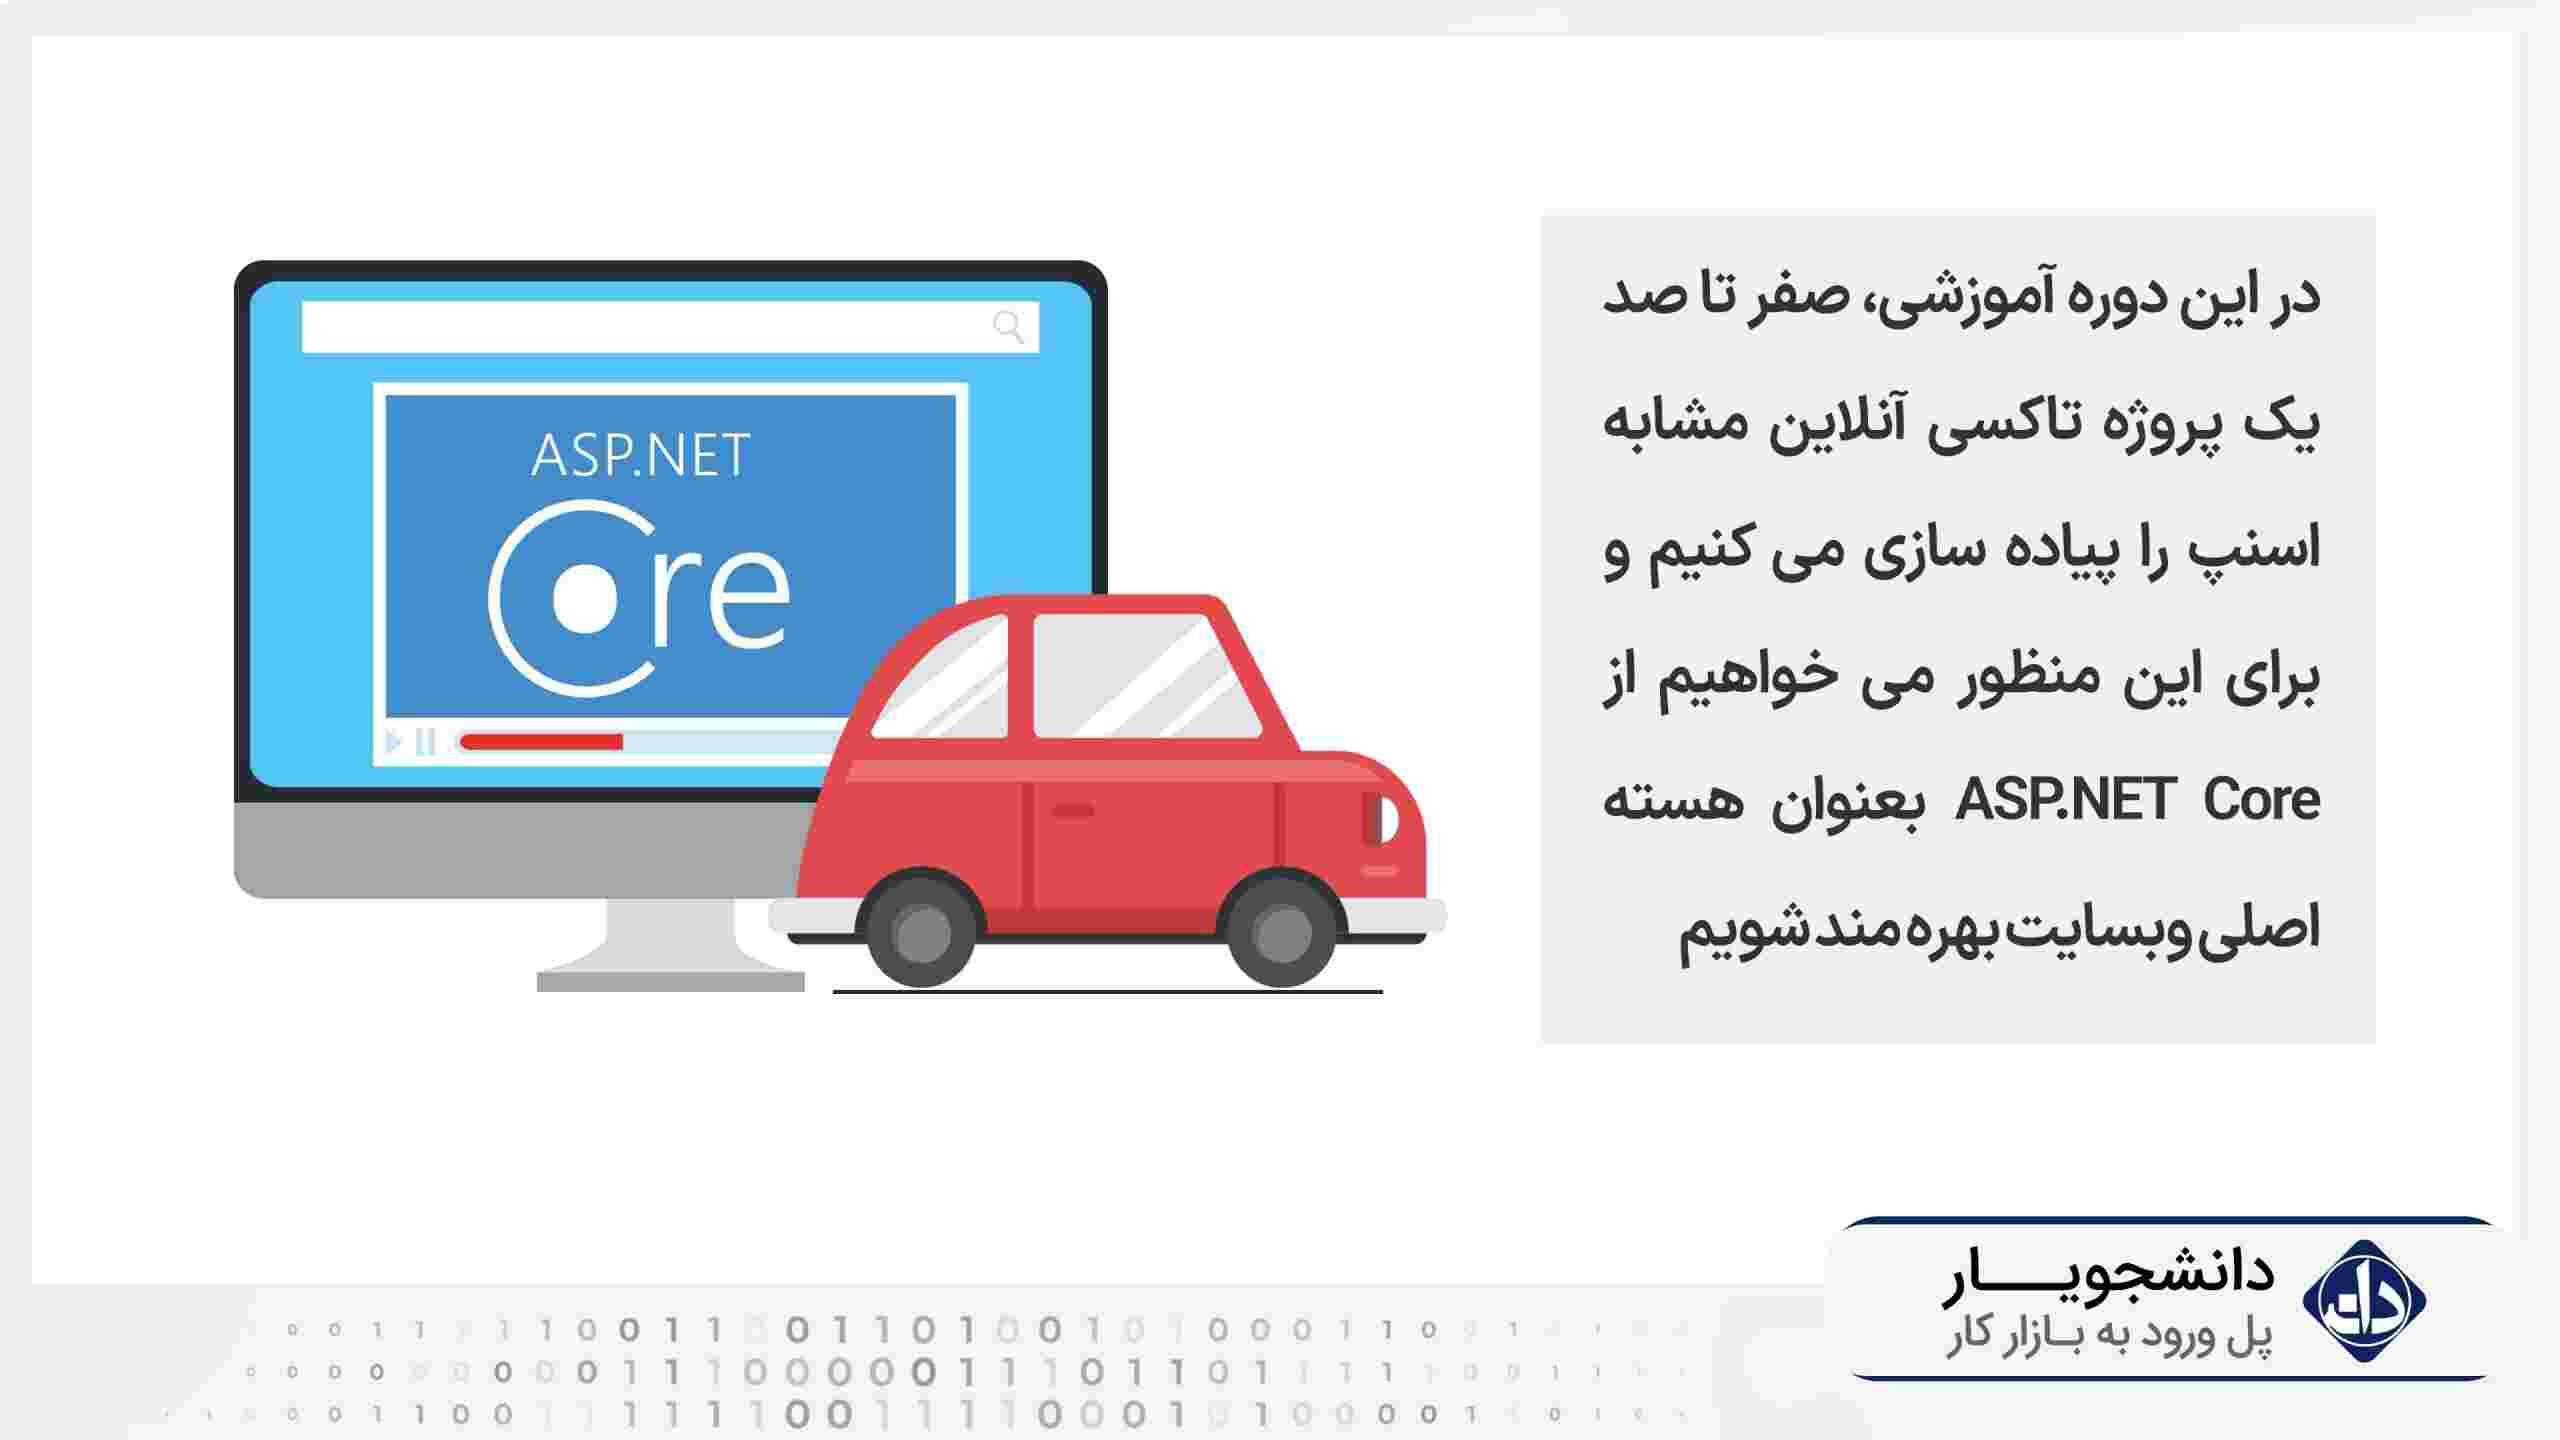 دوره پروژه بزرگ تاکسی آنلاین مشابه اسنپ